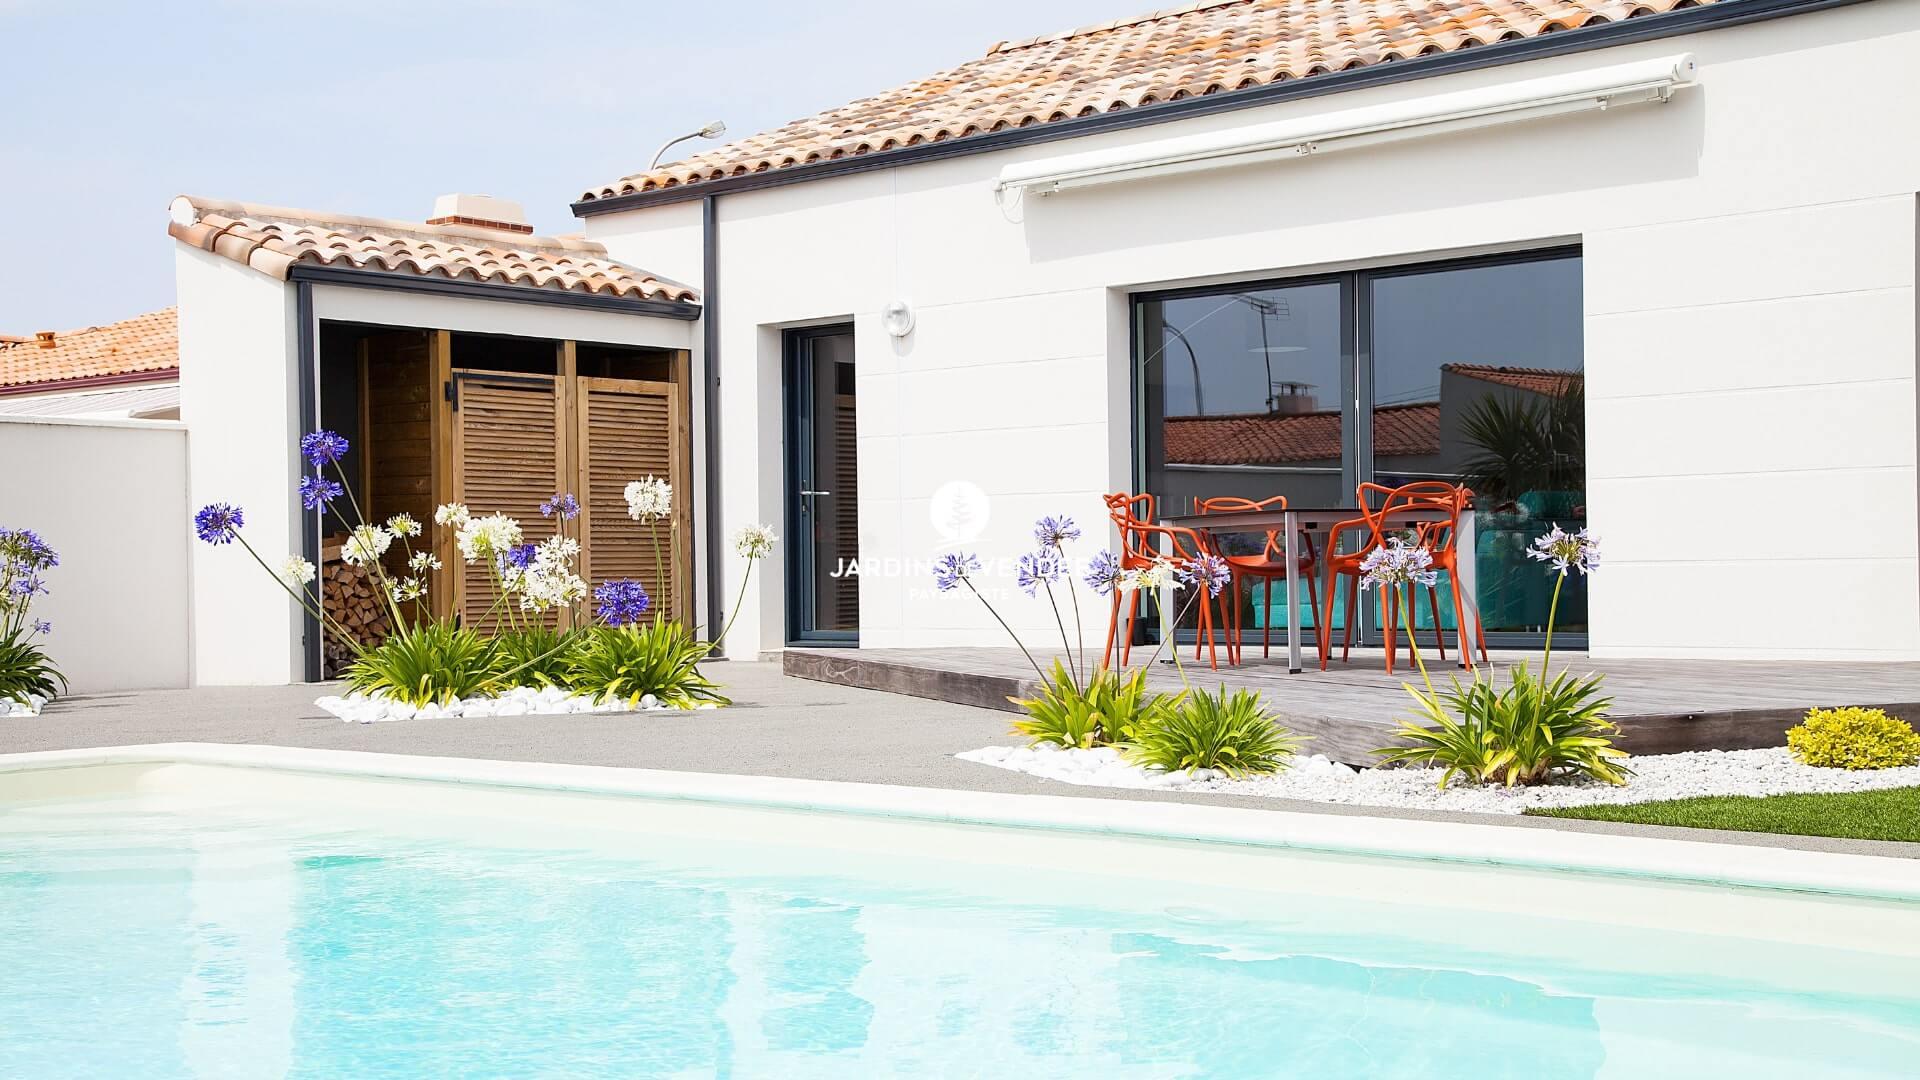 jardins-de-vendee-realisations-piscines-bassins(18)